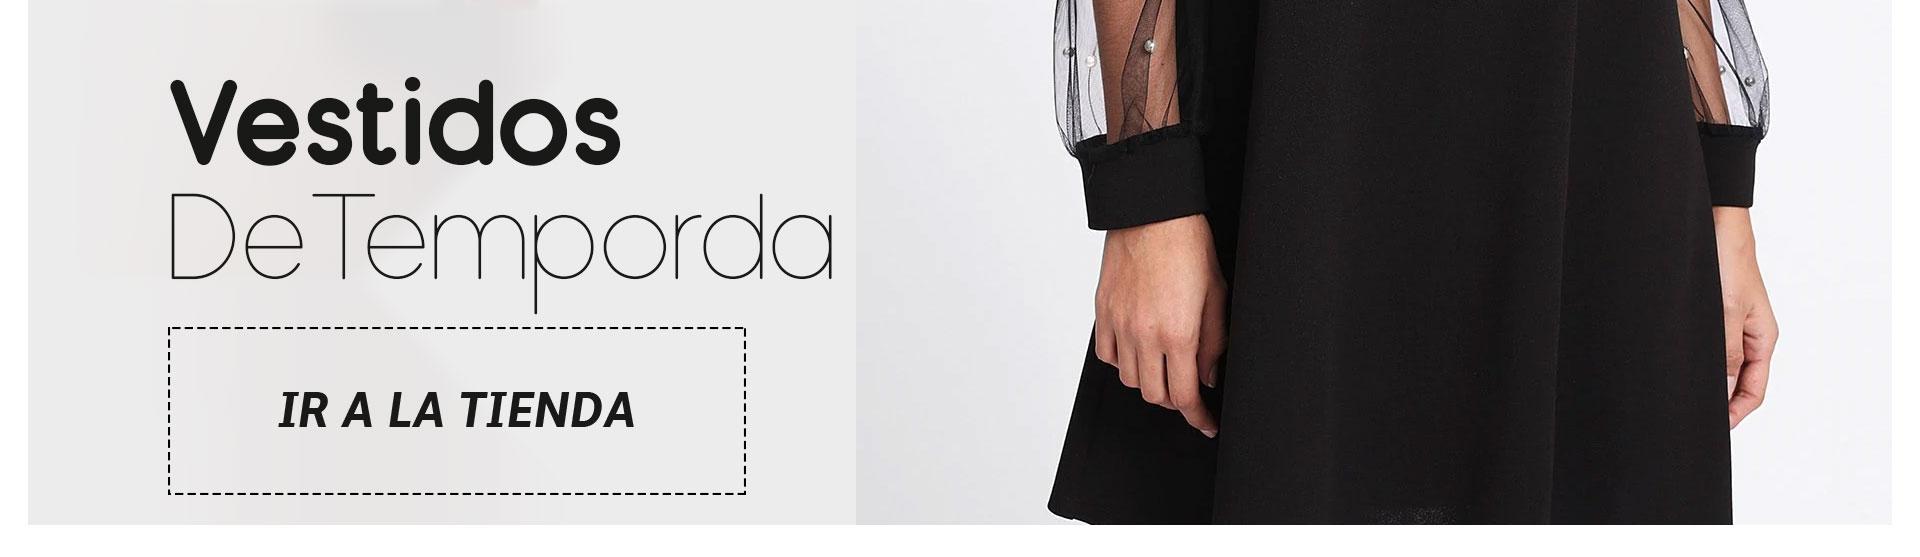 ropa para mujer Inicio banner horizontal Vestidos de temporada 2